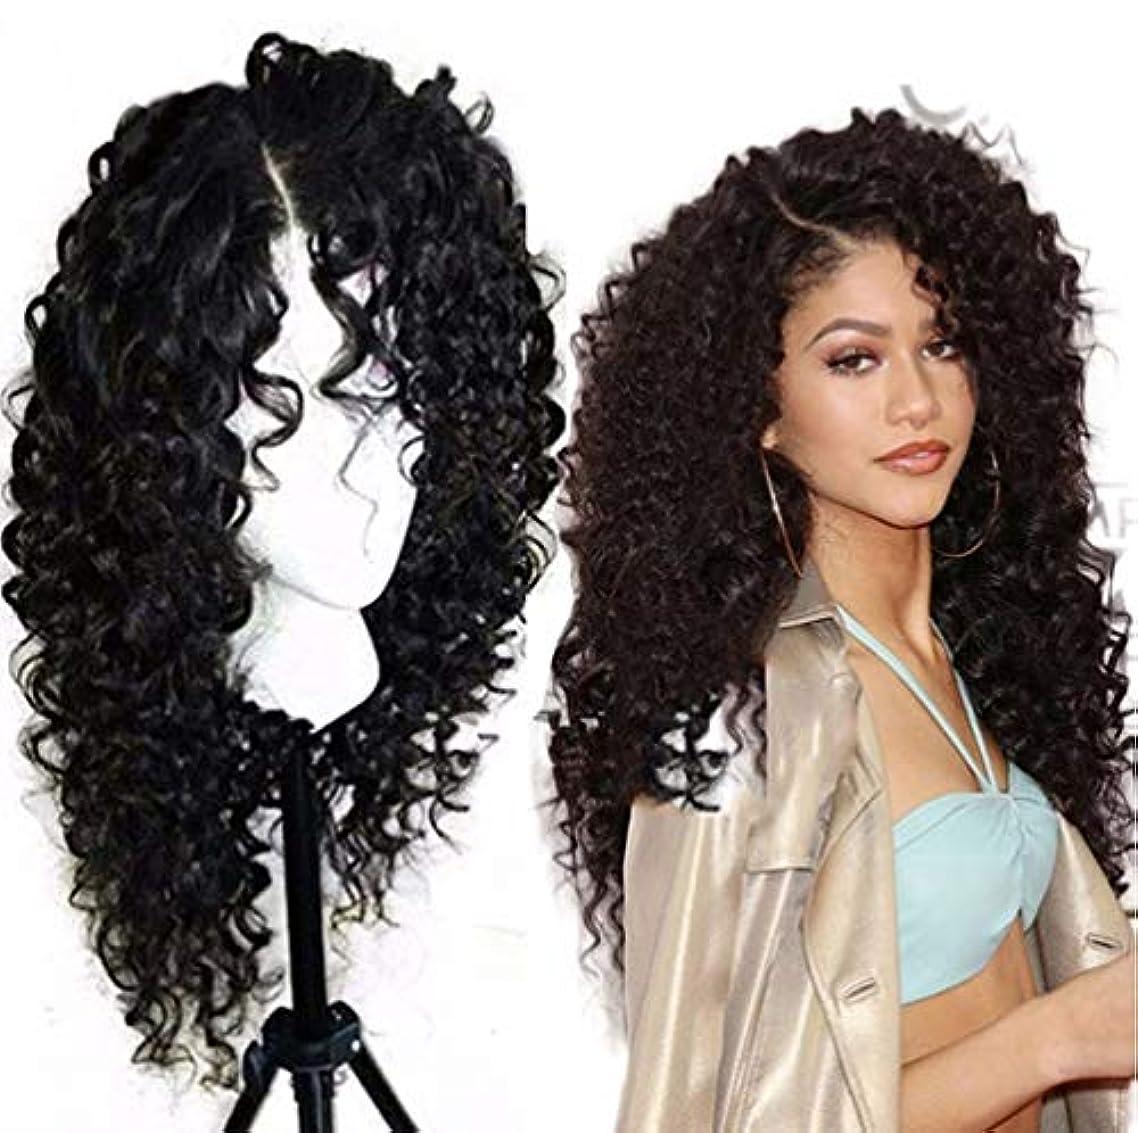 選出するふさわしい熱意女性ブラジルのRemyディープウェーブヘアウィッグ130%密度レースフロント人間の髪の毛のかつら